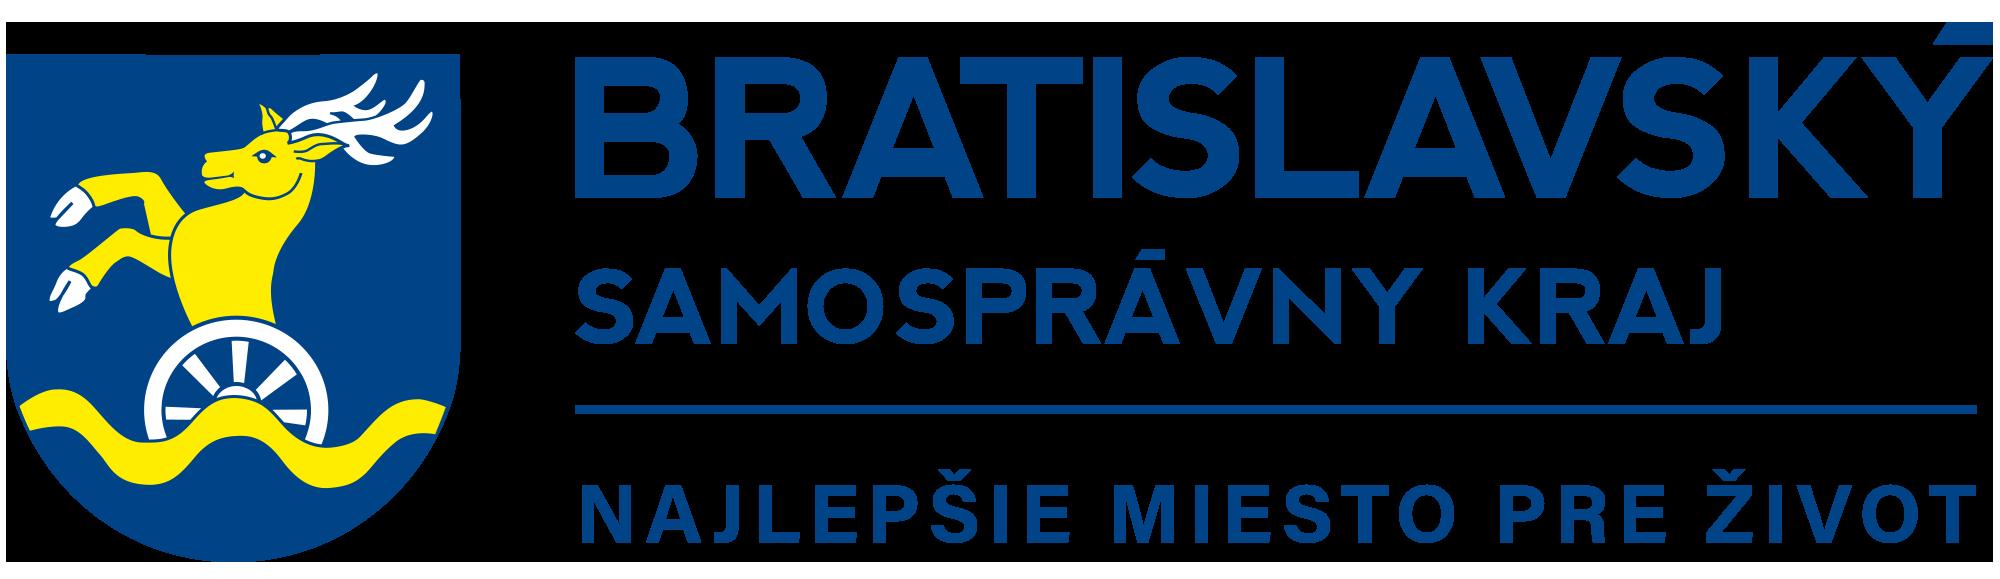 Bratislavský samosprávny kraj